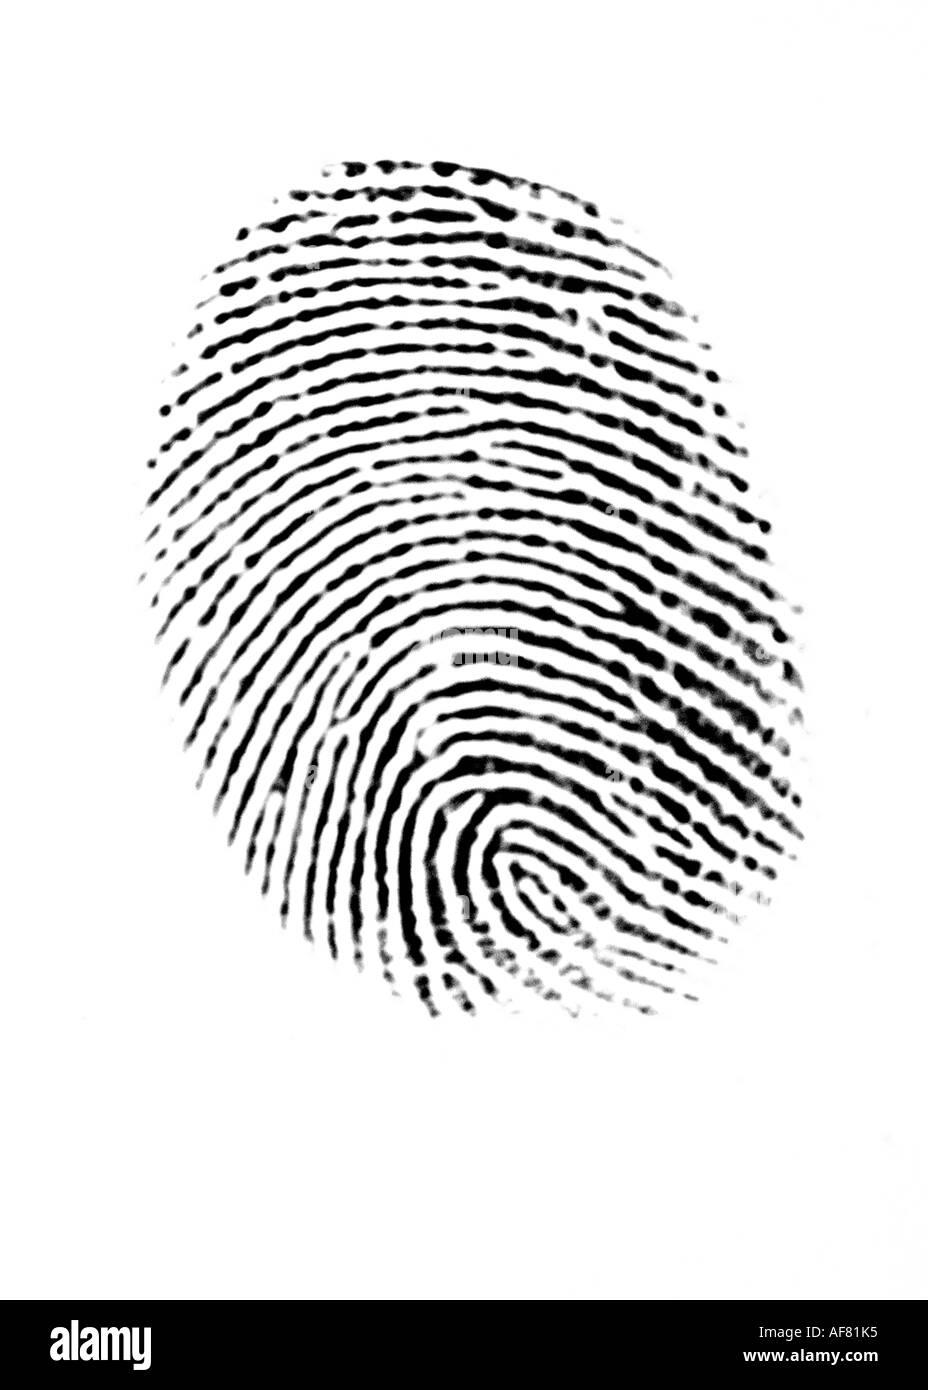 Une preuve des empreintes digitales et de données biométriques Concept Photo Stock